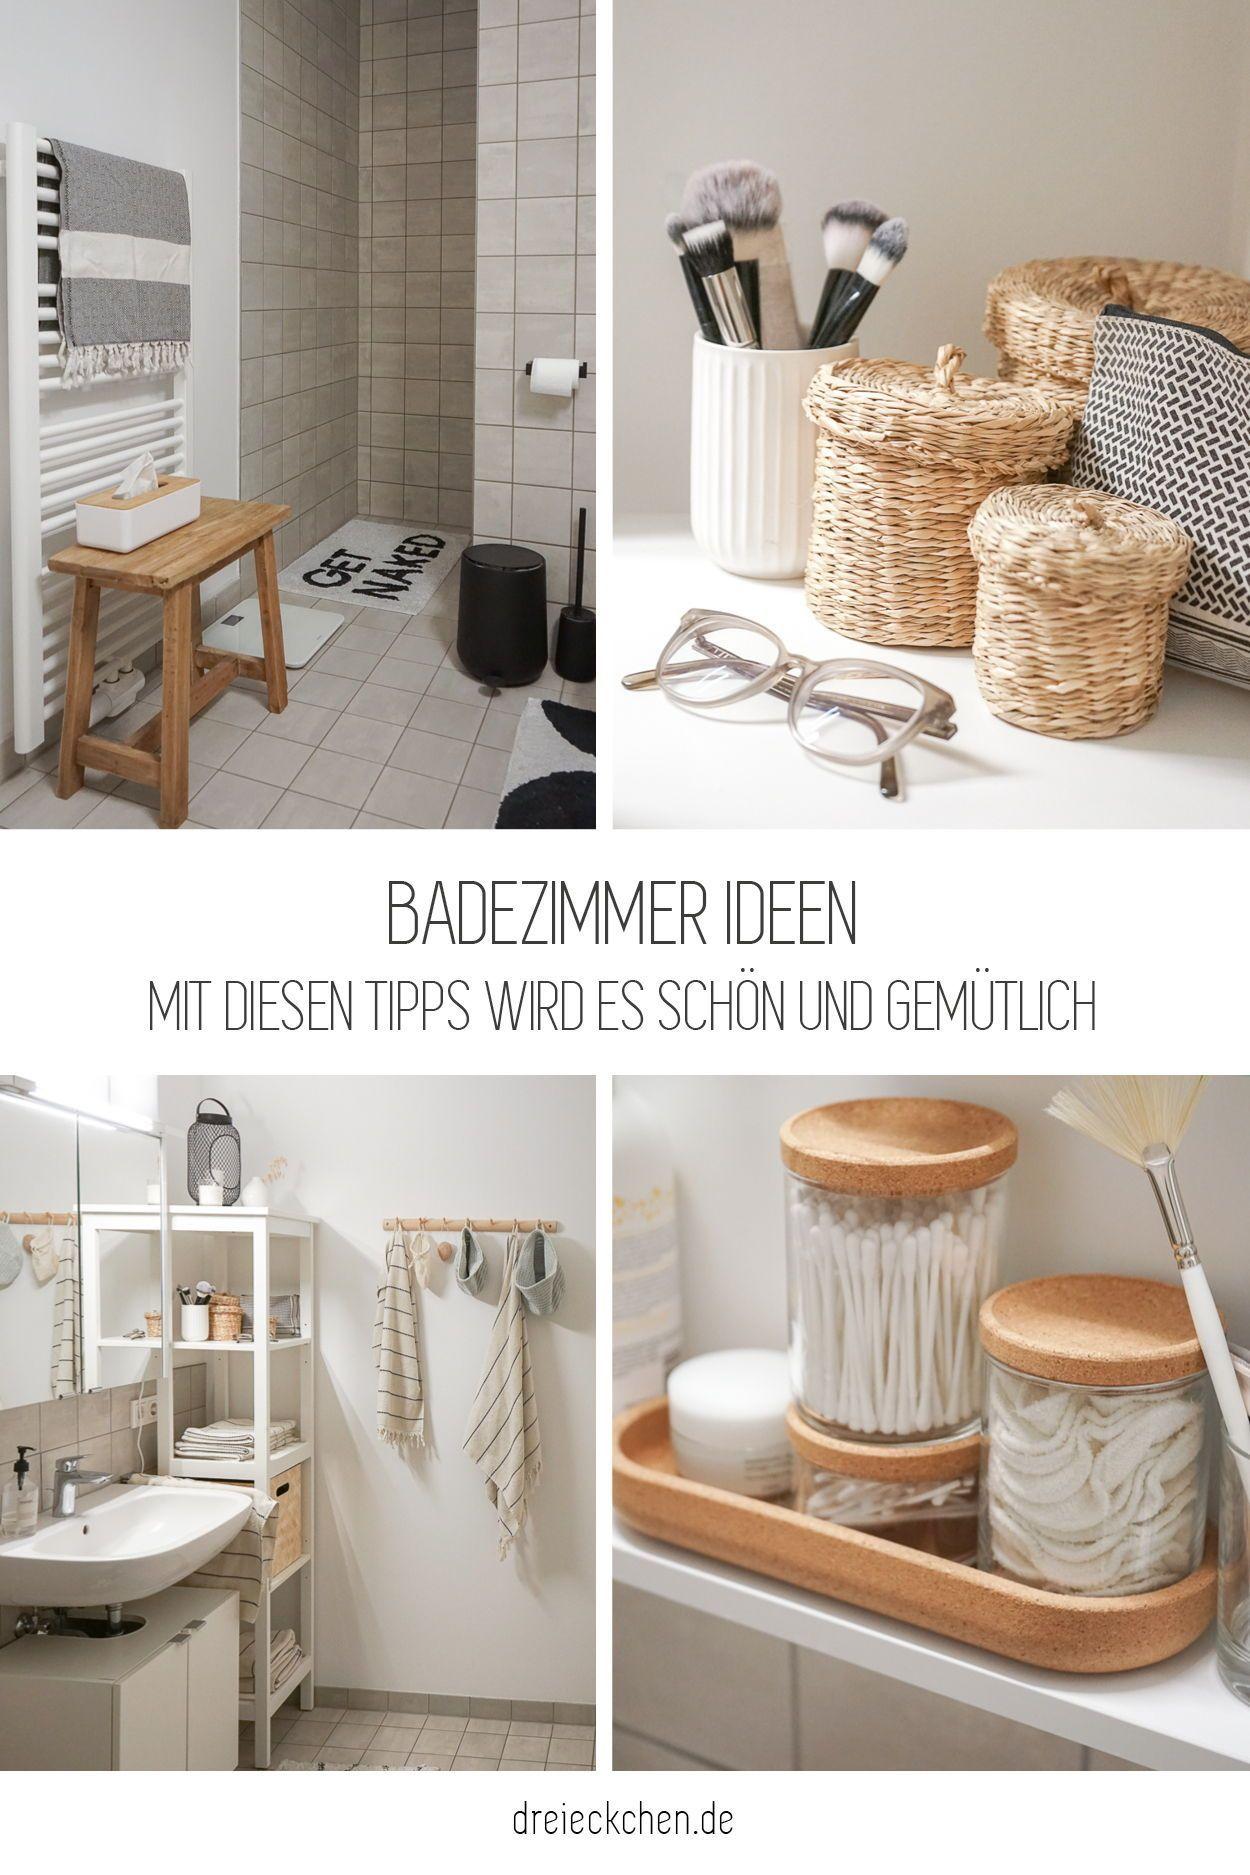 Badezimmer Ideen In 2020 Schone Badezimmer Badezimmer Kleines Bad Einrichten